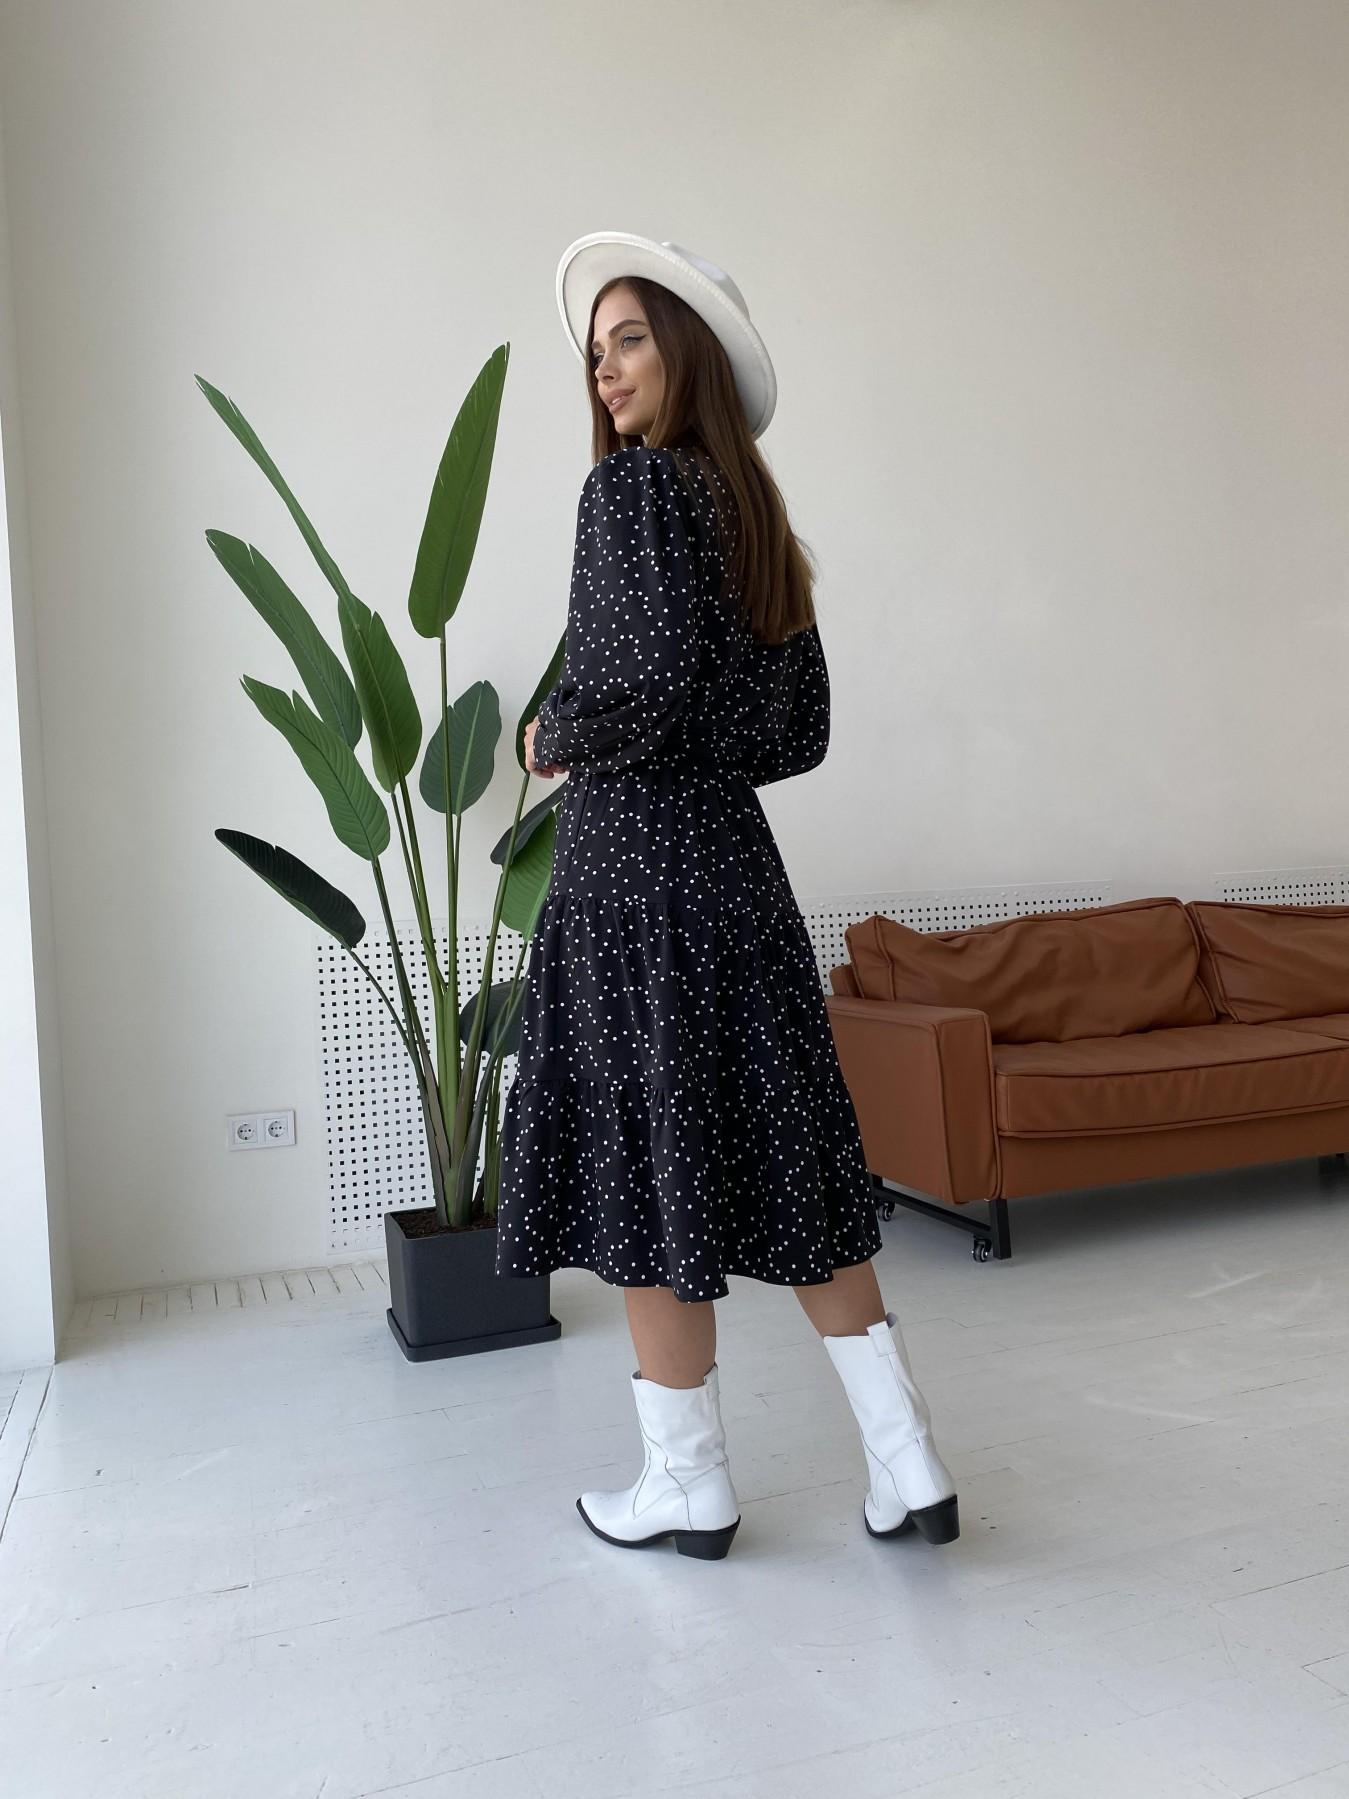 Лилия д/р софт принт стрейч платье 11708 АРТ. 48409 Цвет: Черный/Молоко/ГорохМел - фото 5, интернет магазин tm-modus.ru